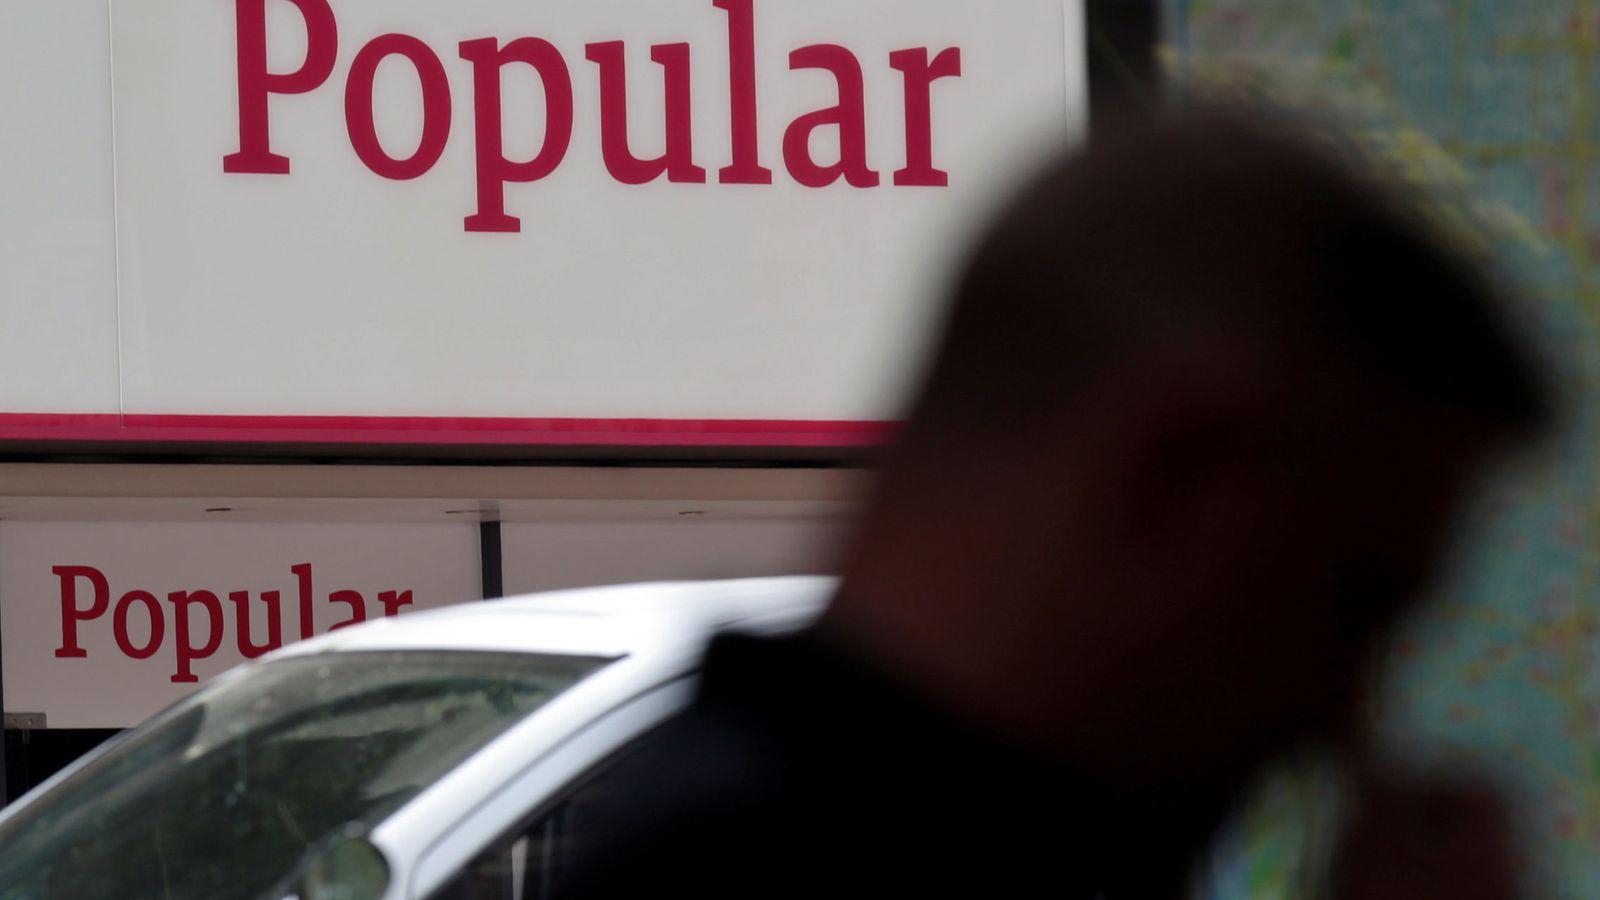 Foto: Oficina del Banco Popular en Madrid. (Reuters)